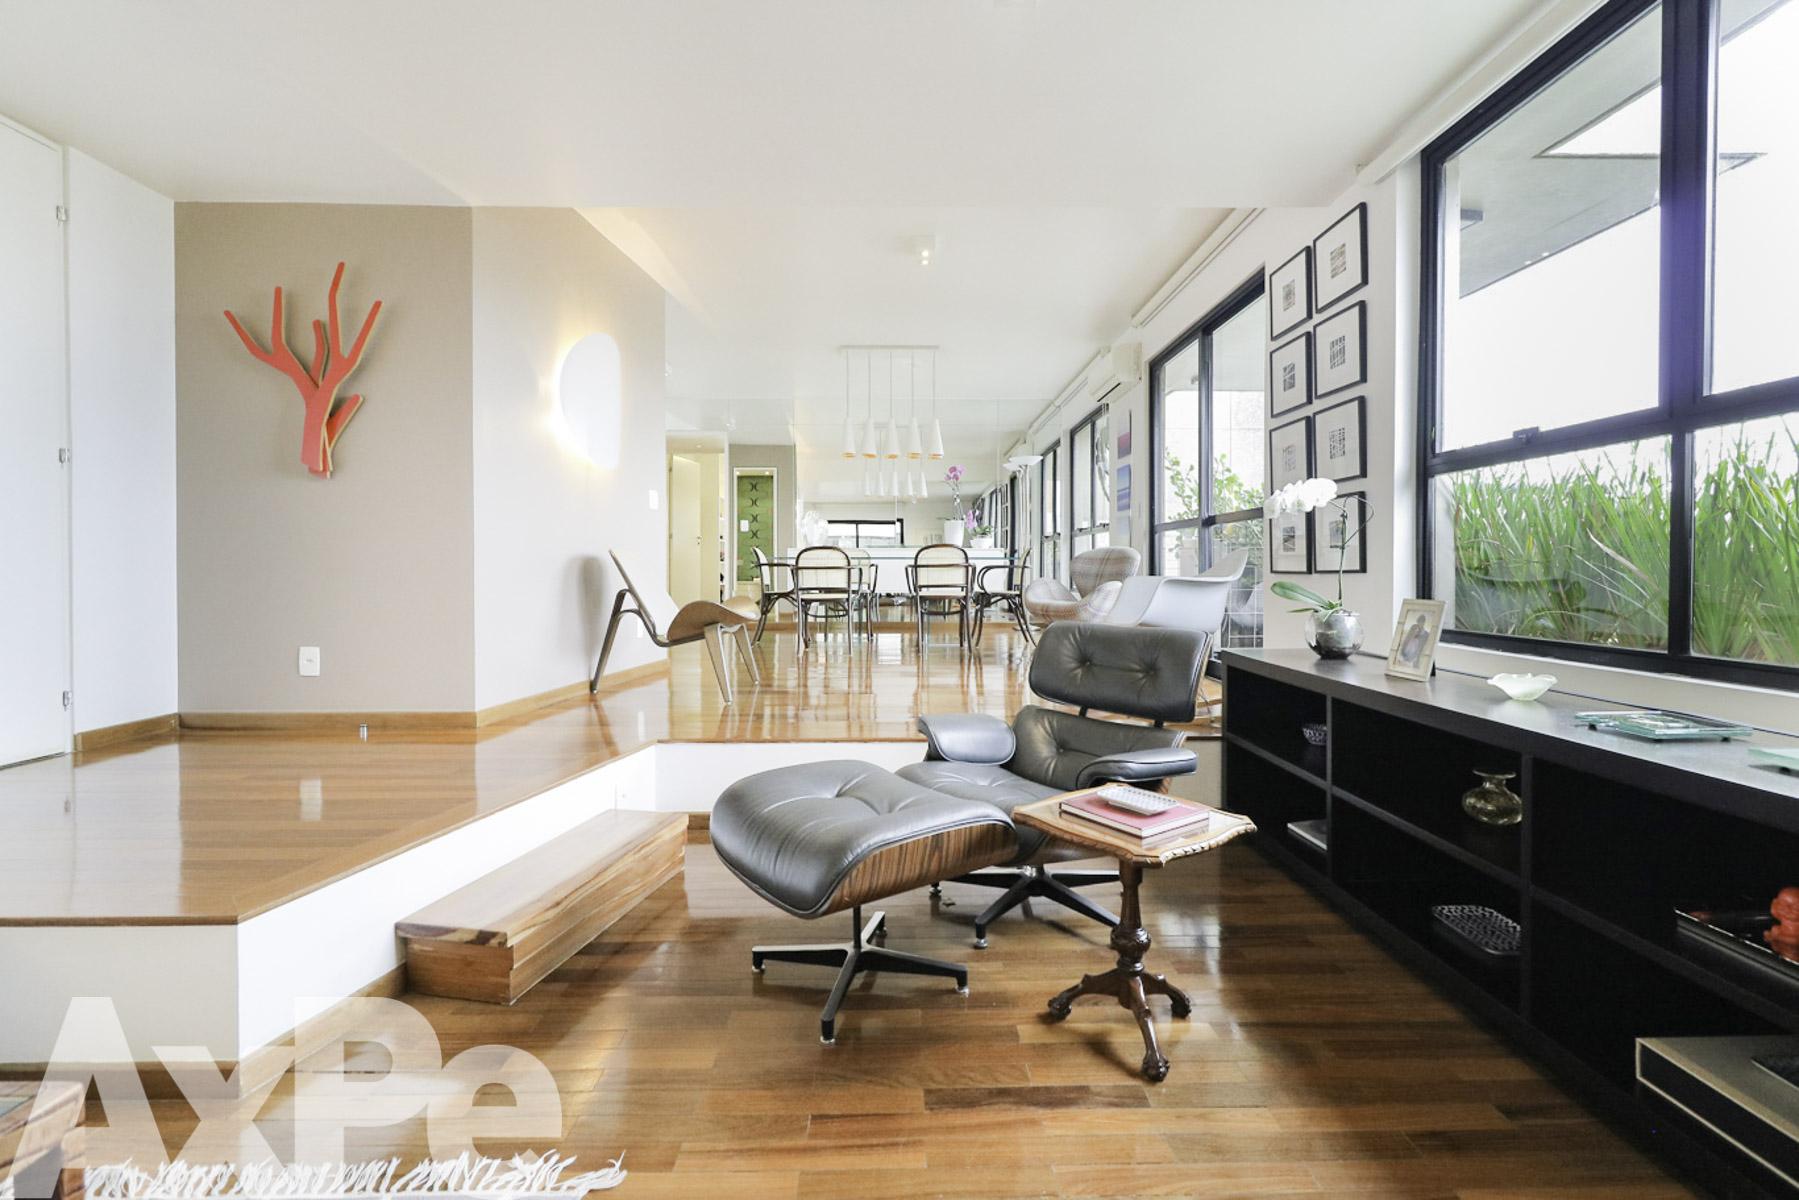 Axpe Apartamento - AX135950